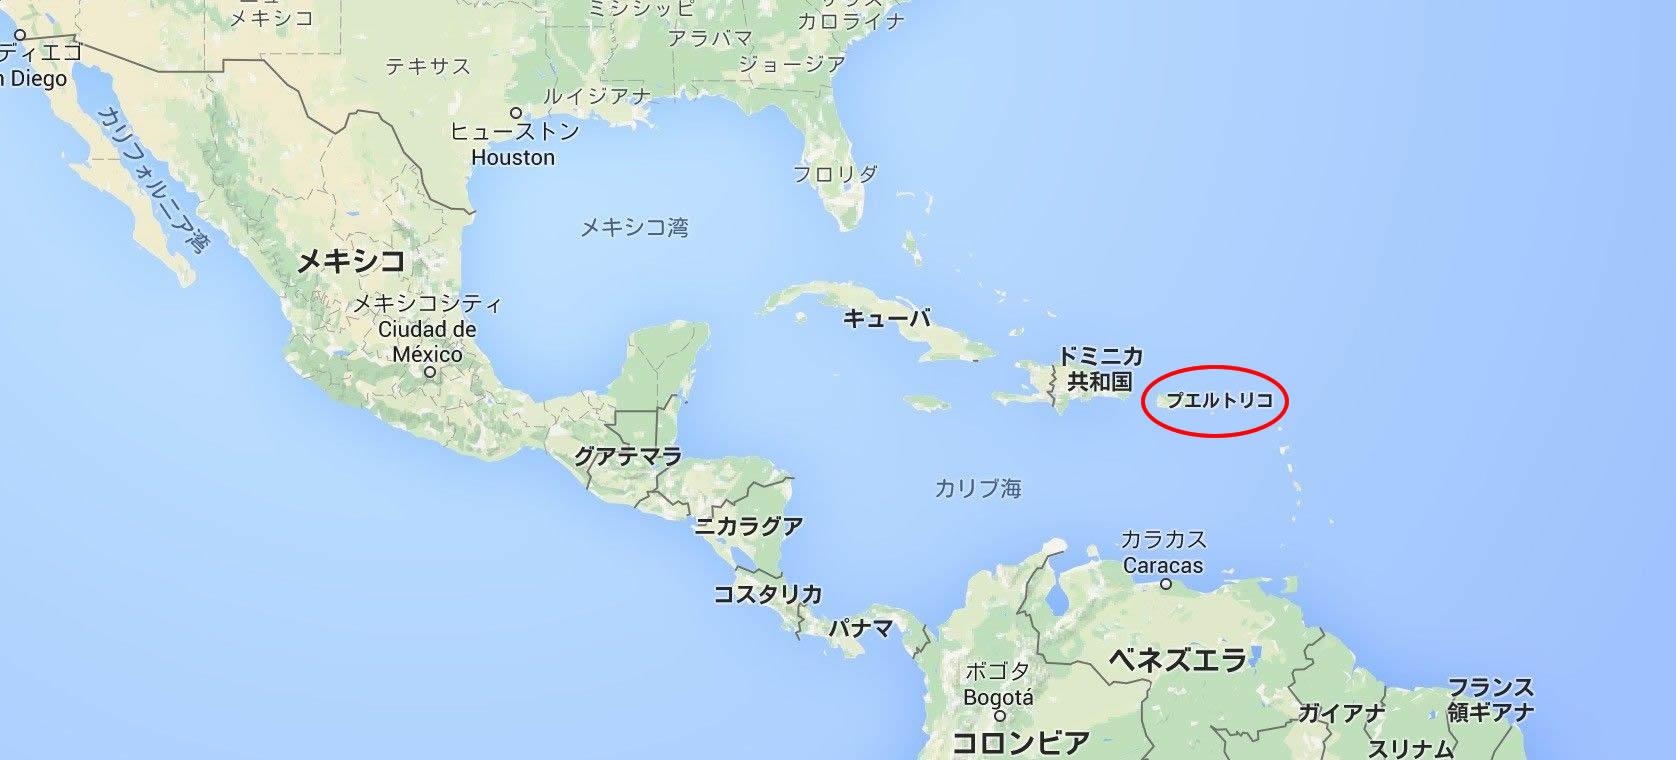 そもそもプエルトリコとはどこの国?プエルトリコが破産申請とのニュースから。